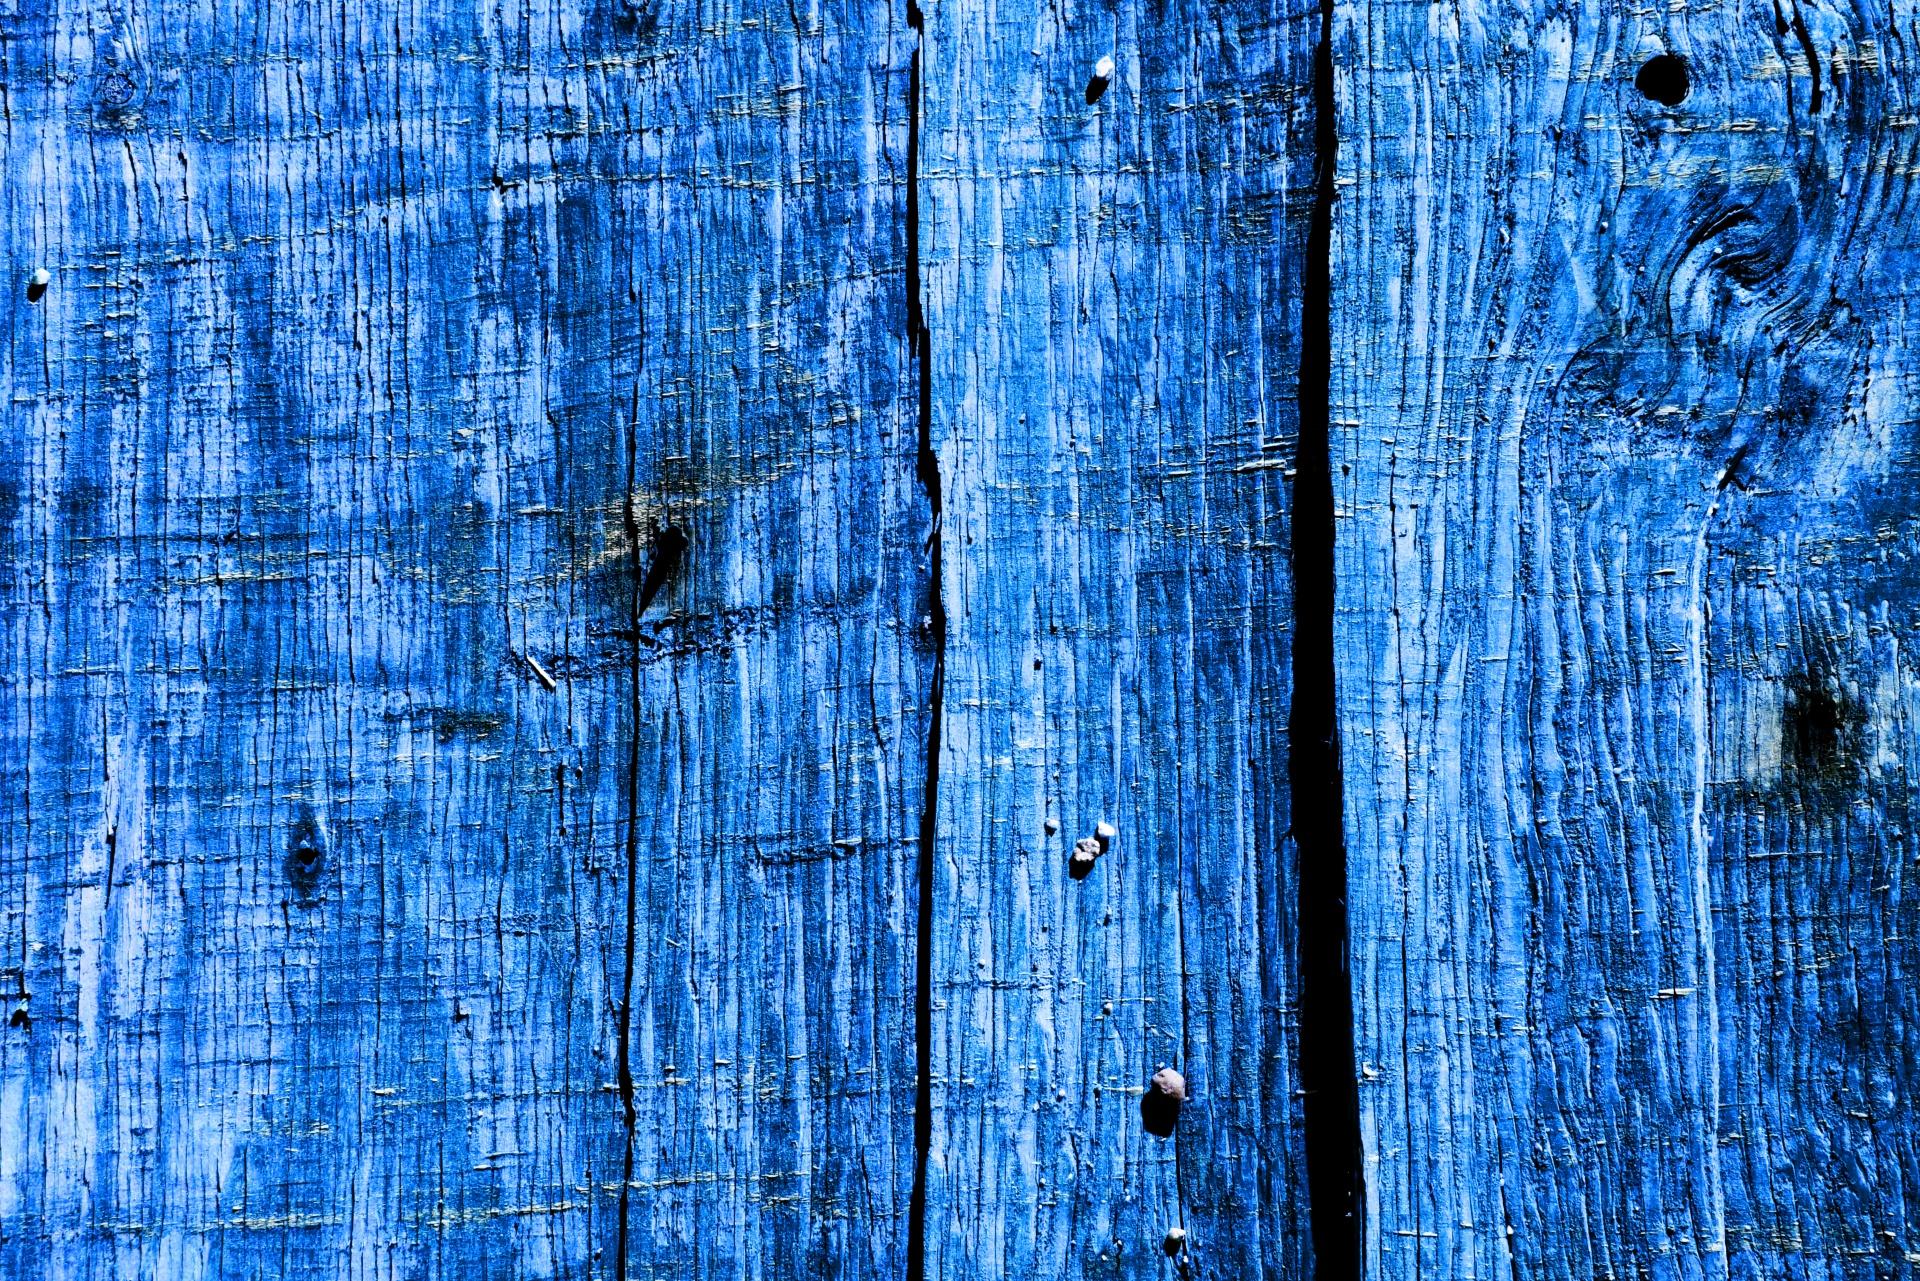 Blue Wood Fence Background Free Stock Photo  Public